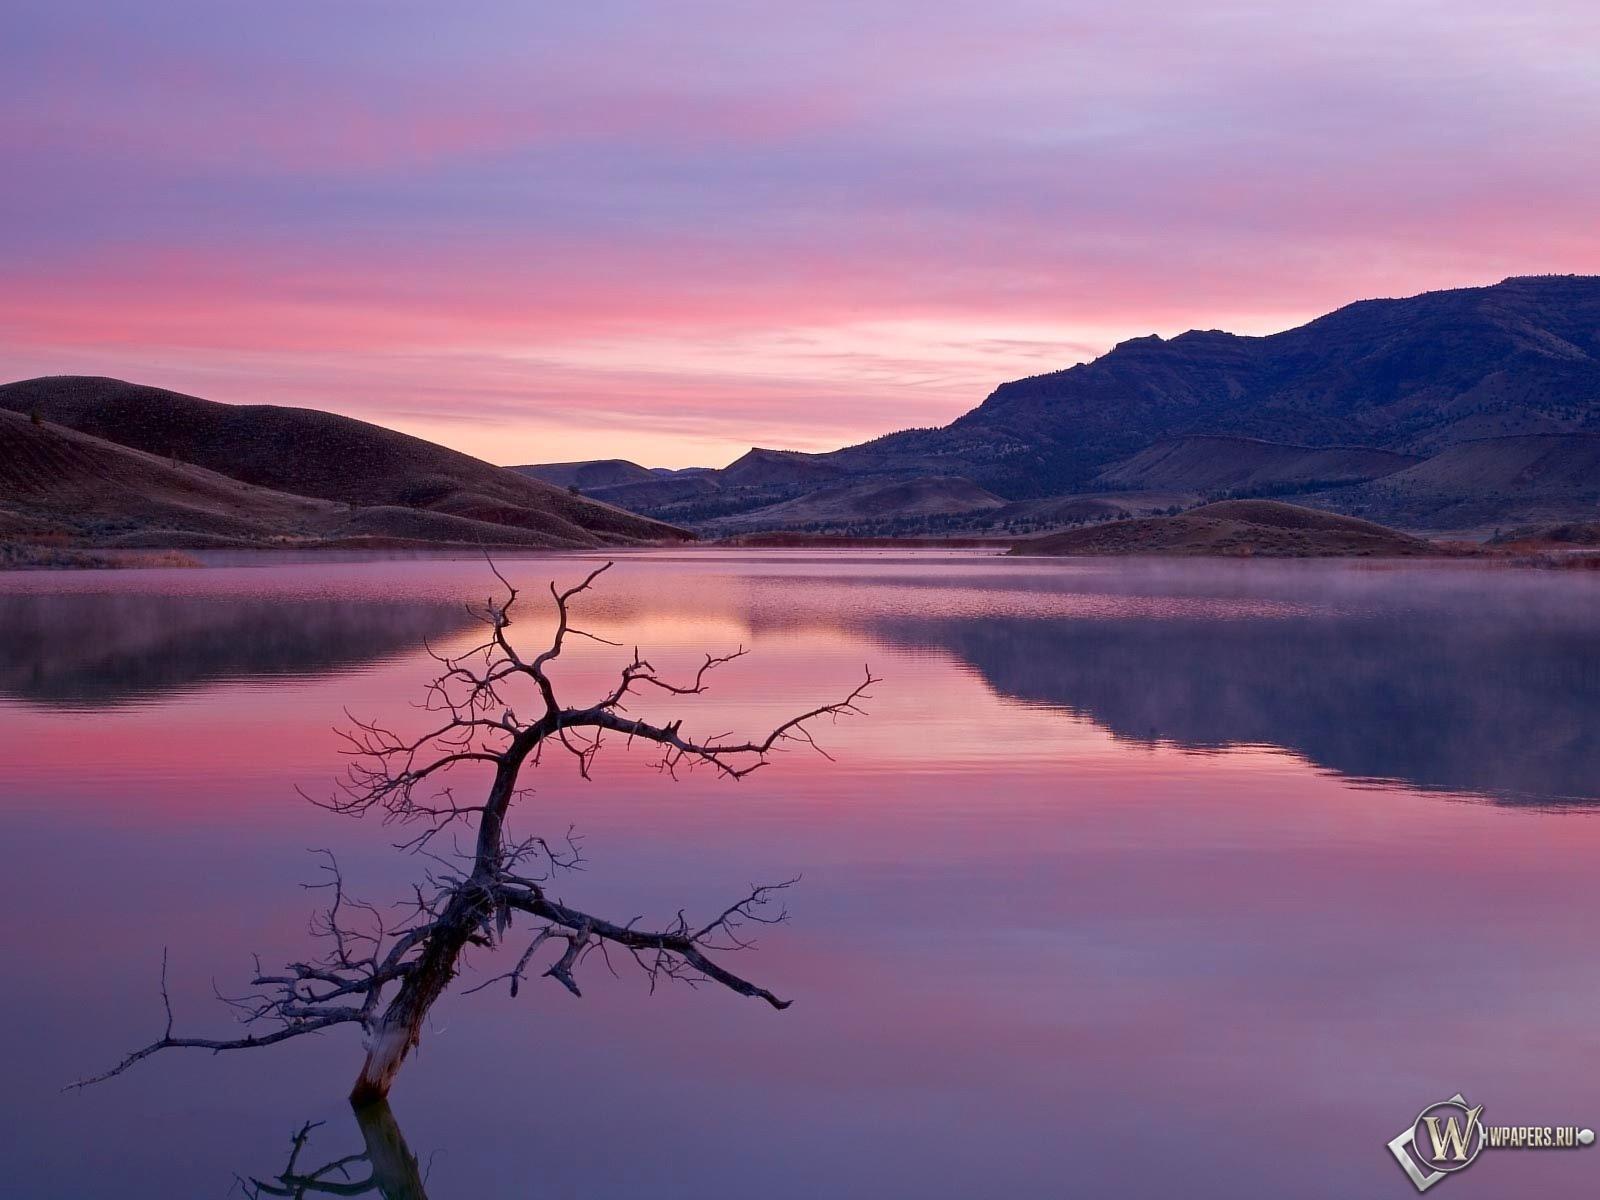 Сиреневое озеро 1600x1200